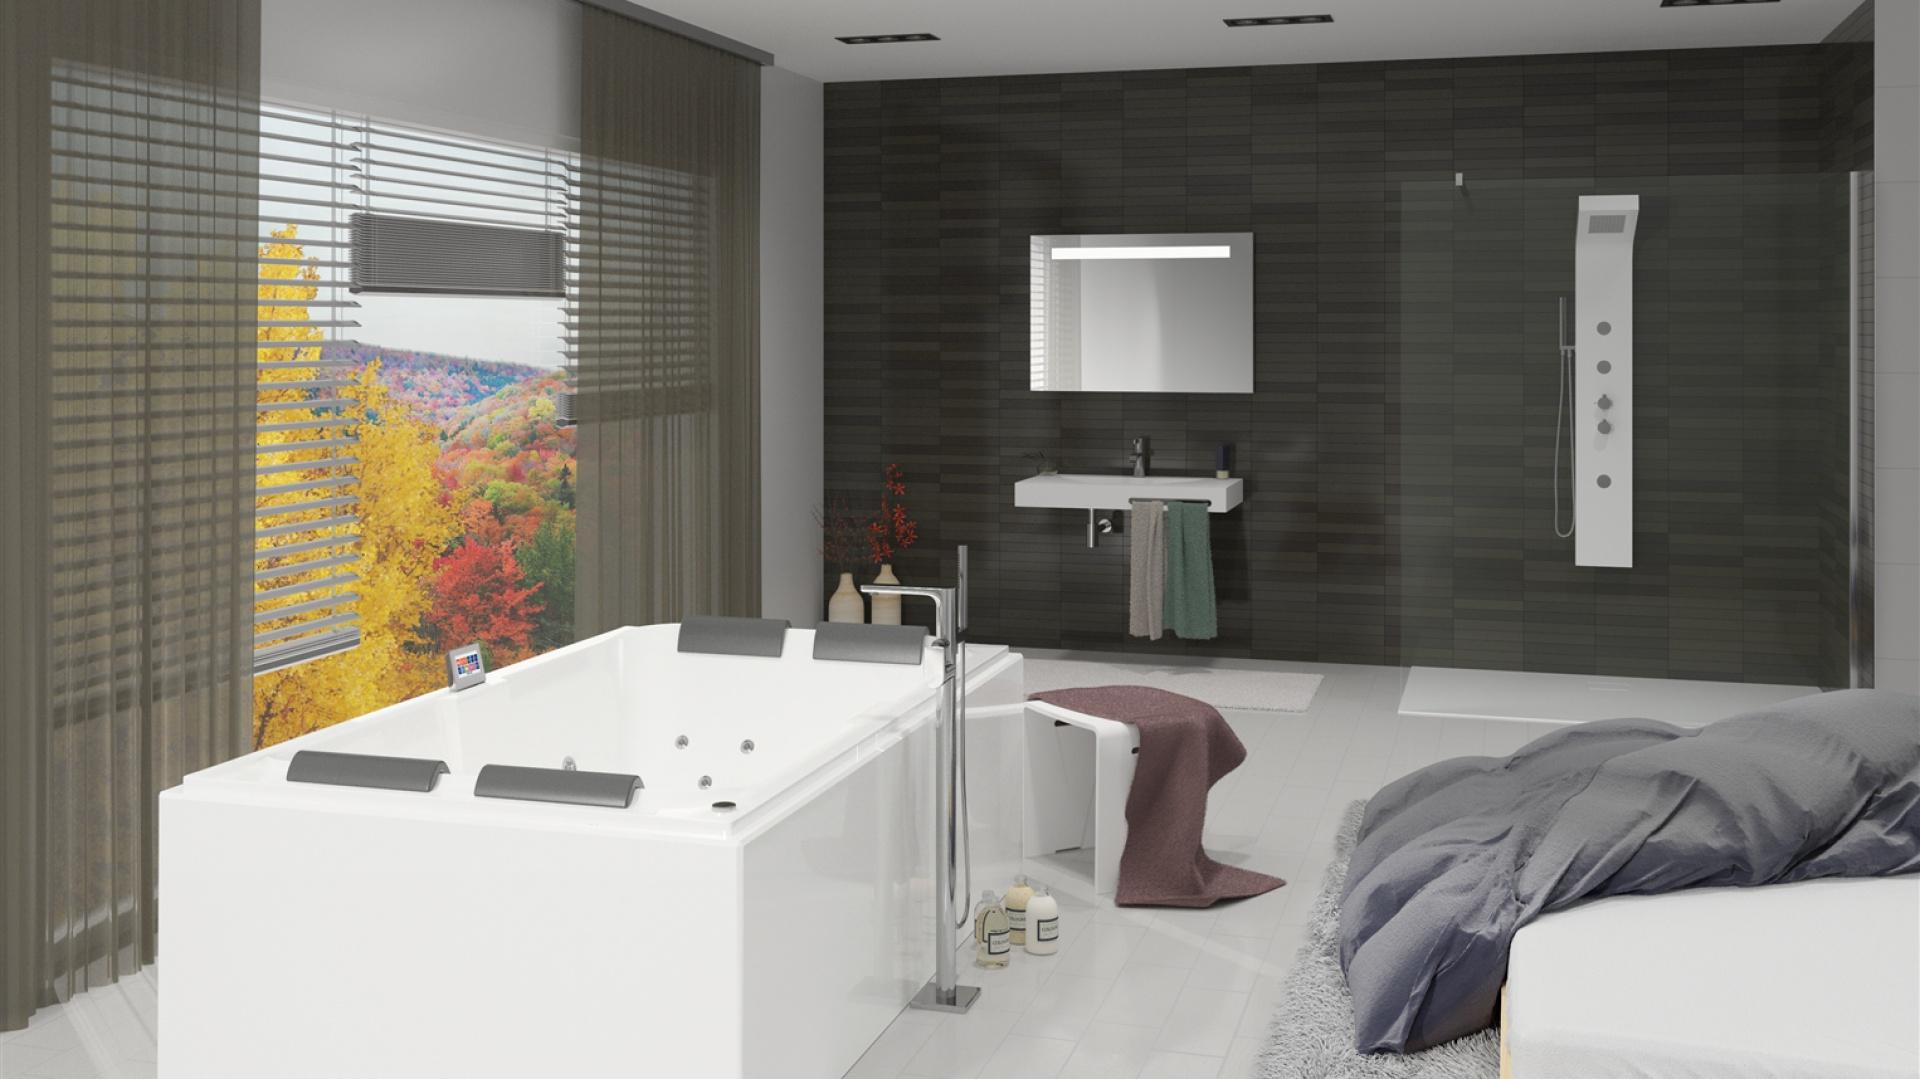 Laura to kilkuosobowa wanna z hydromasażem, która idealnie sprawdzi się w nowoczesnej łazience, a jednocześnie da nam prawdziwy komfort w stylu spa. Proste linie wanny zapewnią spokojną atmosferę w łazience. 6 potężnych maksidysz Hydro oraz 12 minidysz umożliwia korzystanie z dobrodziejstw hydromasażu więcej niż jednej osobie jednocześnie. Fot. Riho.